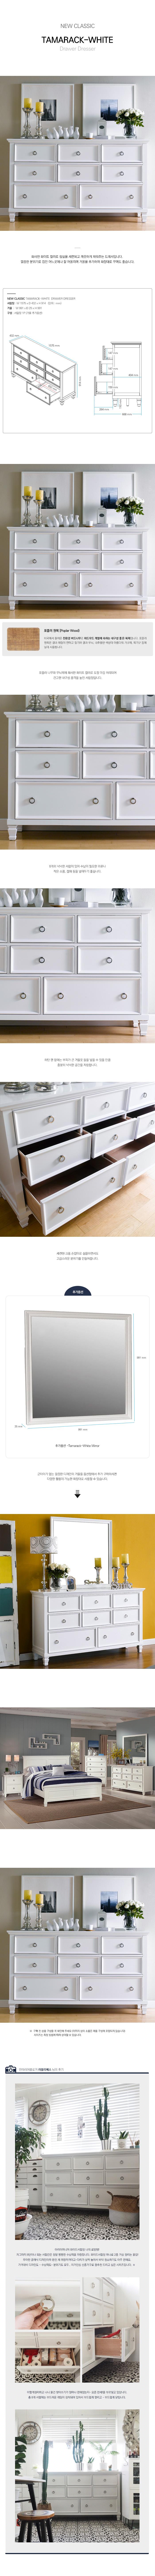 tamarack_white_Drawer-Dresser_180511.jpg